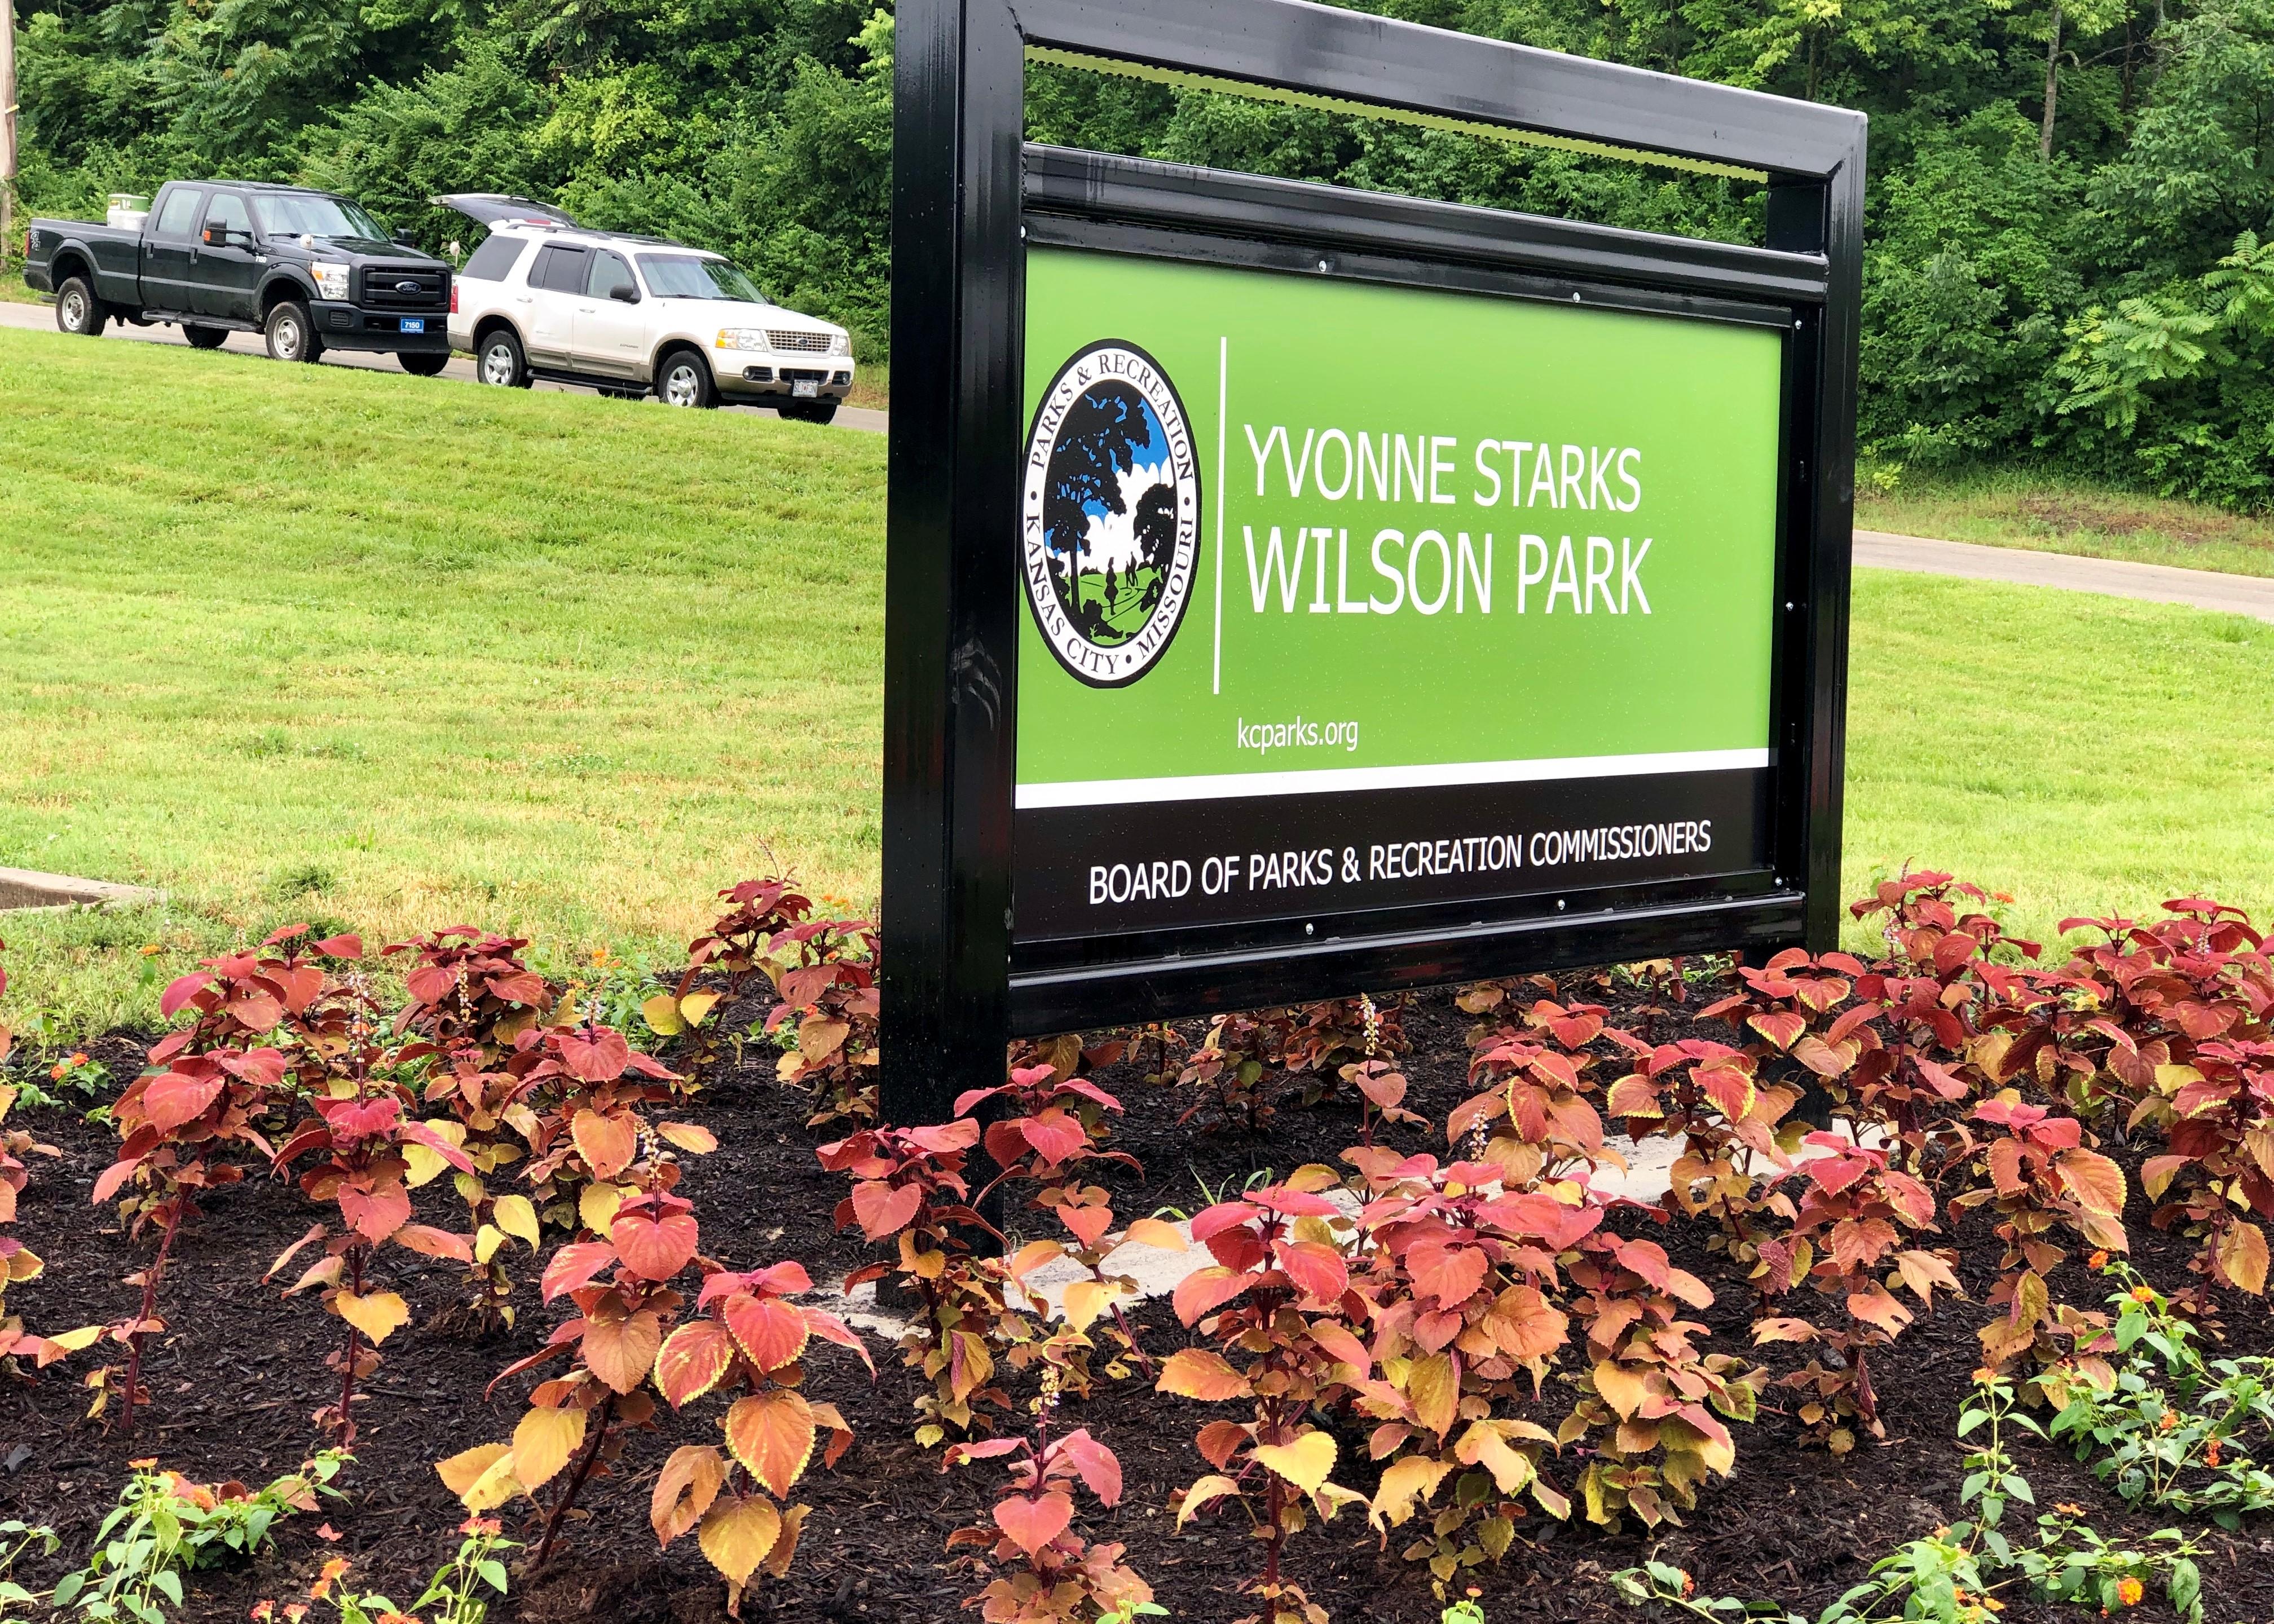 Yvnonne Starks Wilson Park